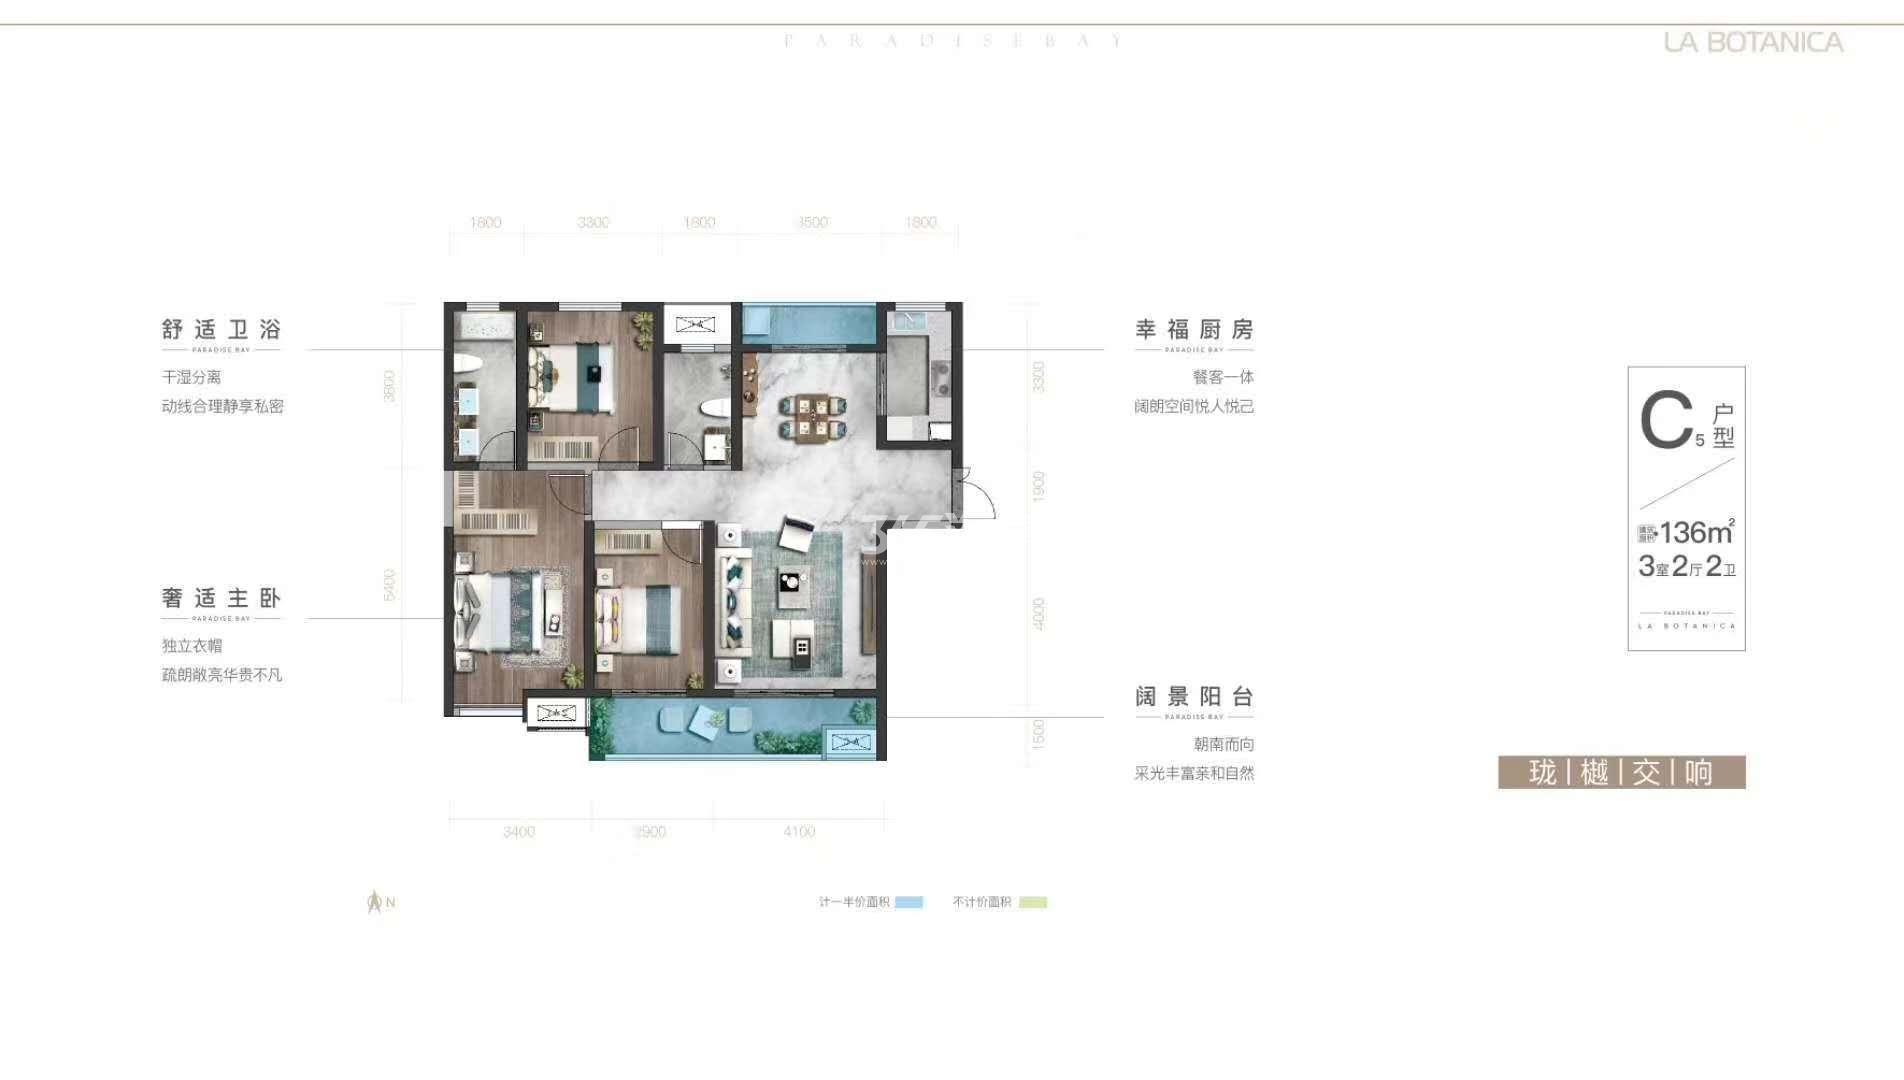 御锦城136㎡三室两厅两卫